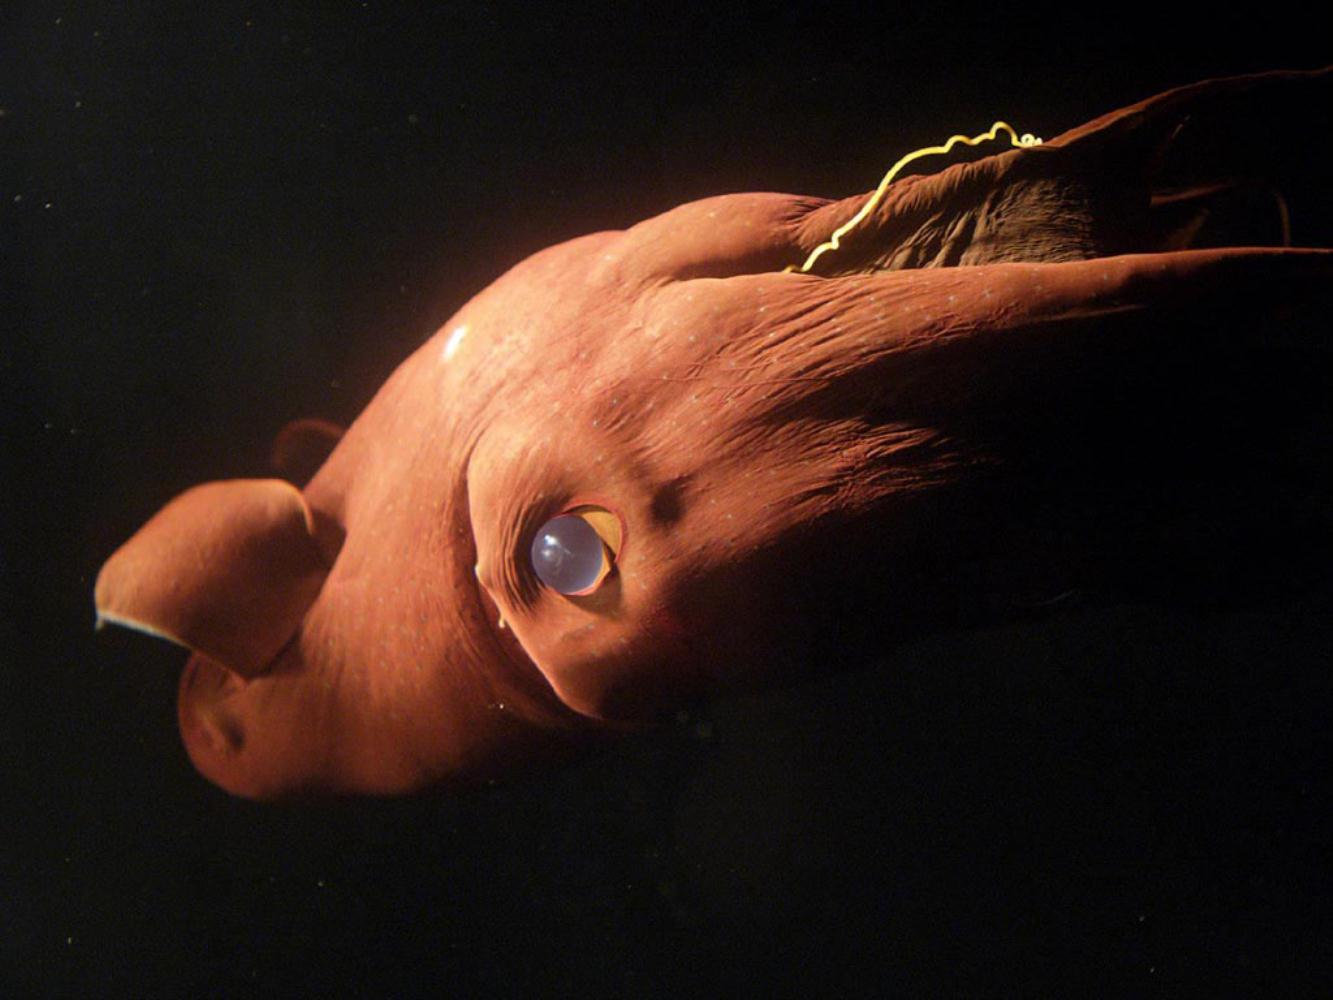 Vampyroteuthis infernalis: Loài ma cà rồng dưới đáy biển sâu - Ảnh 7.